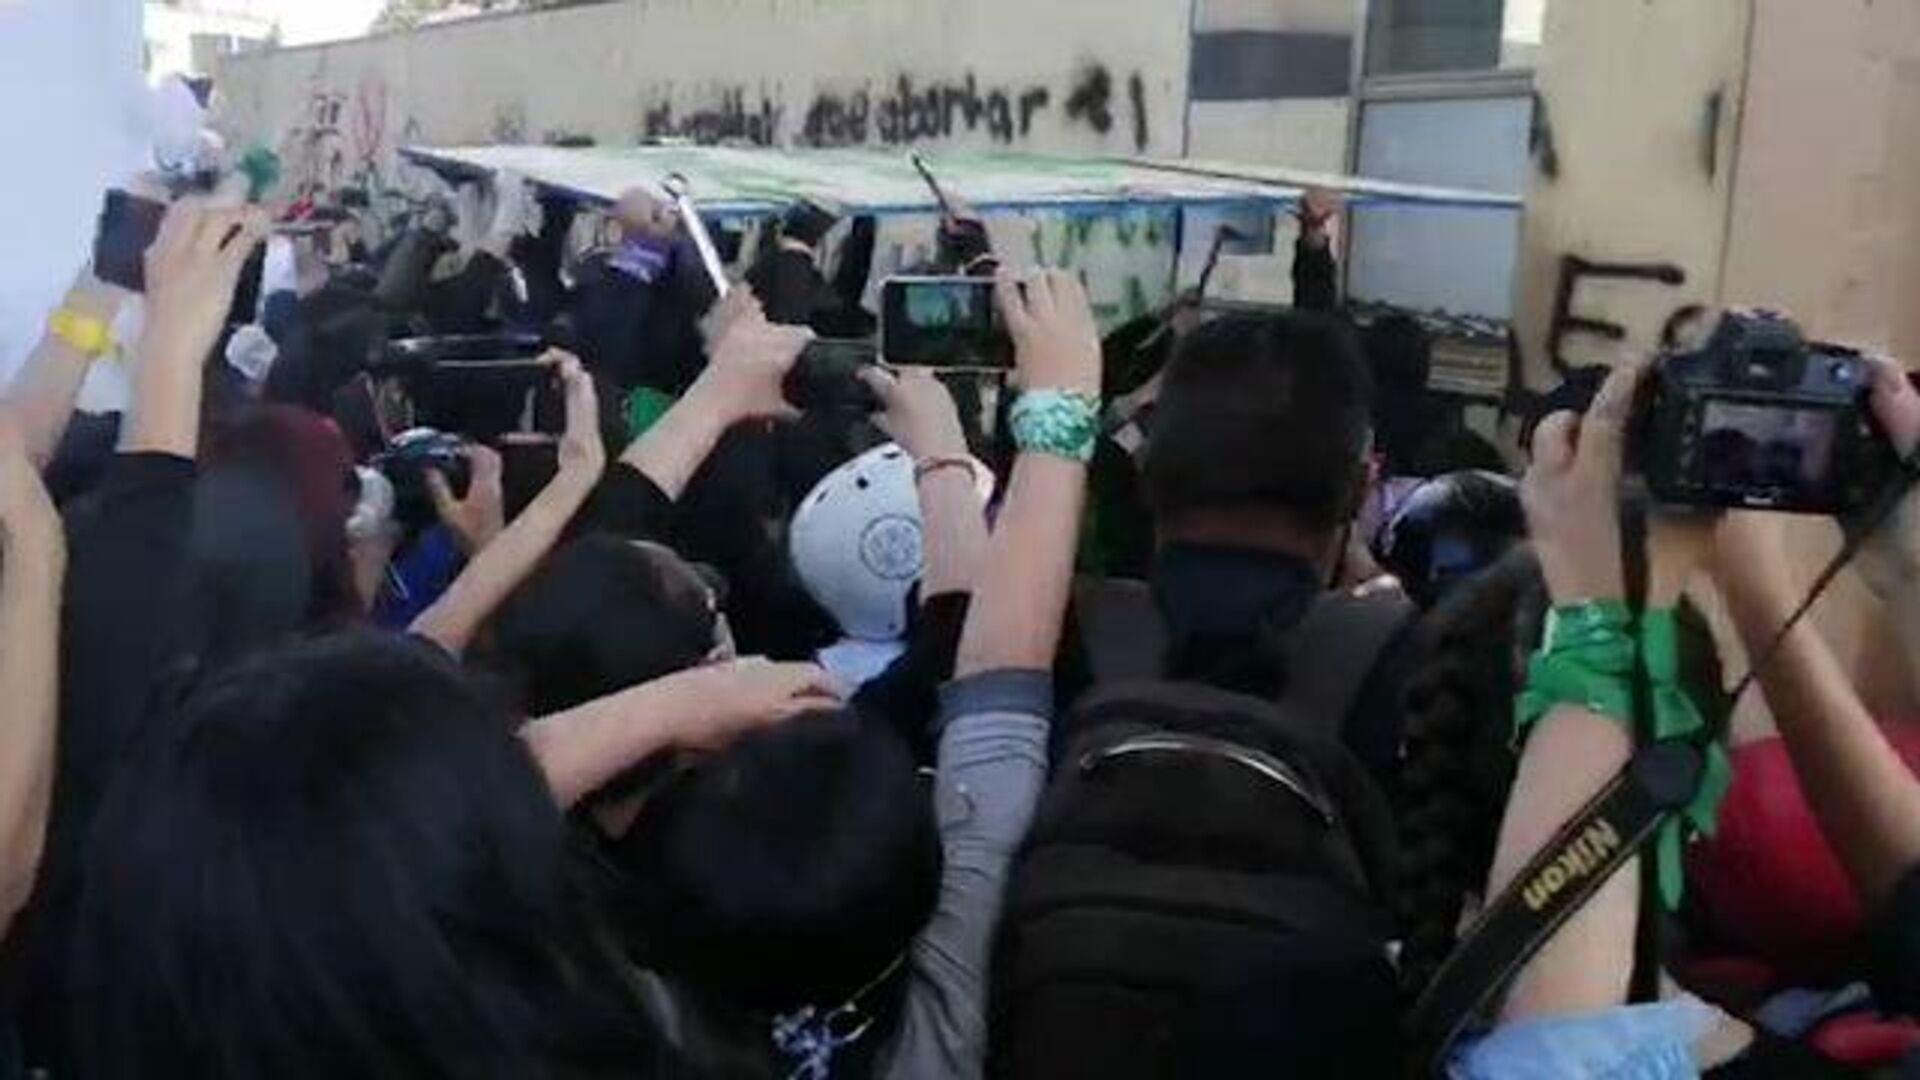 8 марта в Мексике: феминистки устроили погромы в Мехико - РИА Новости, 1920, 09.03.2021